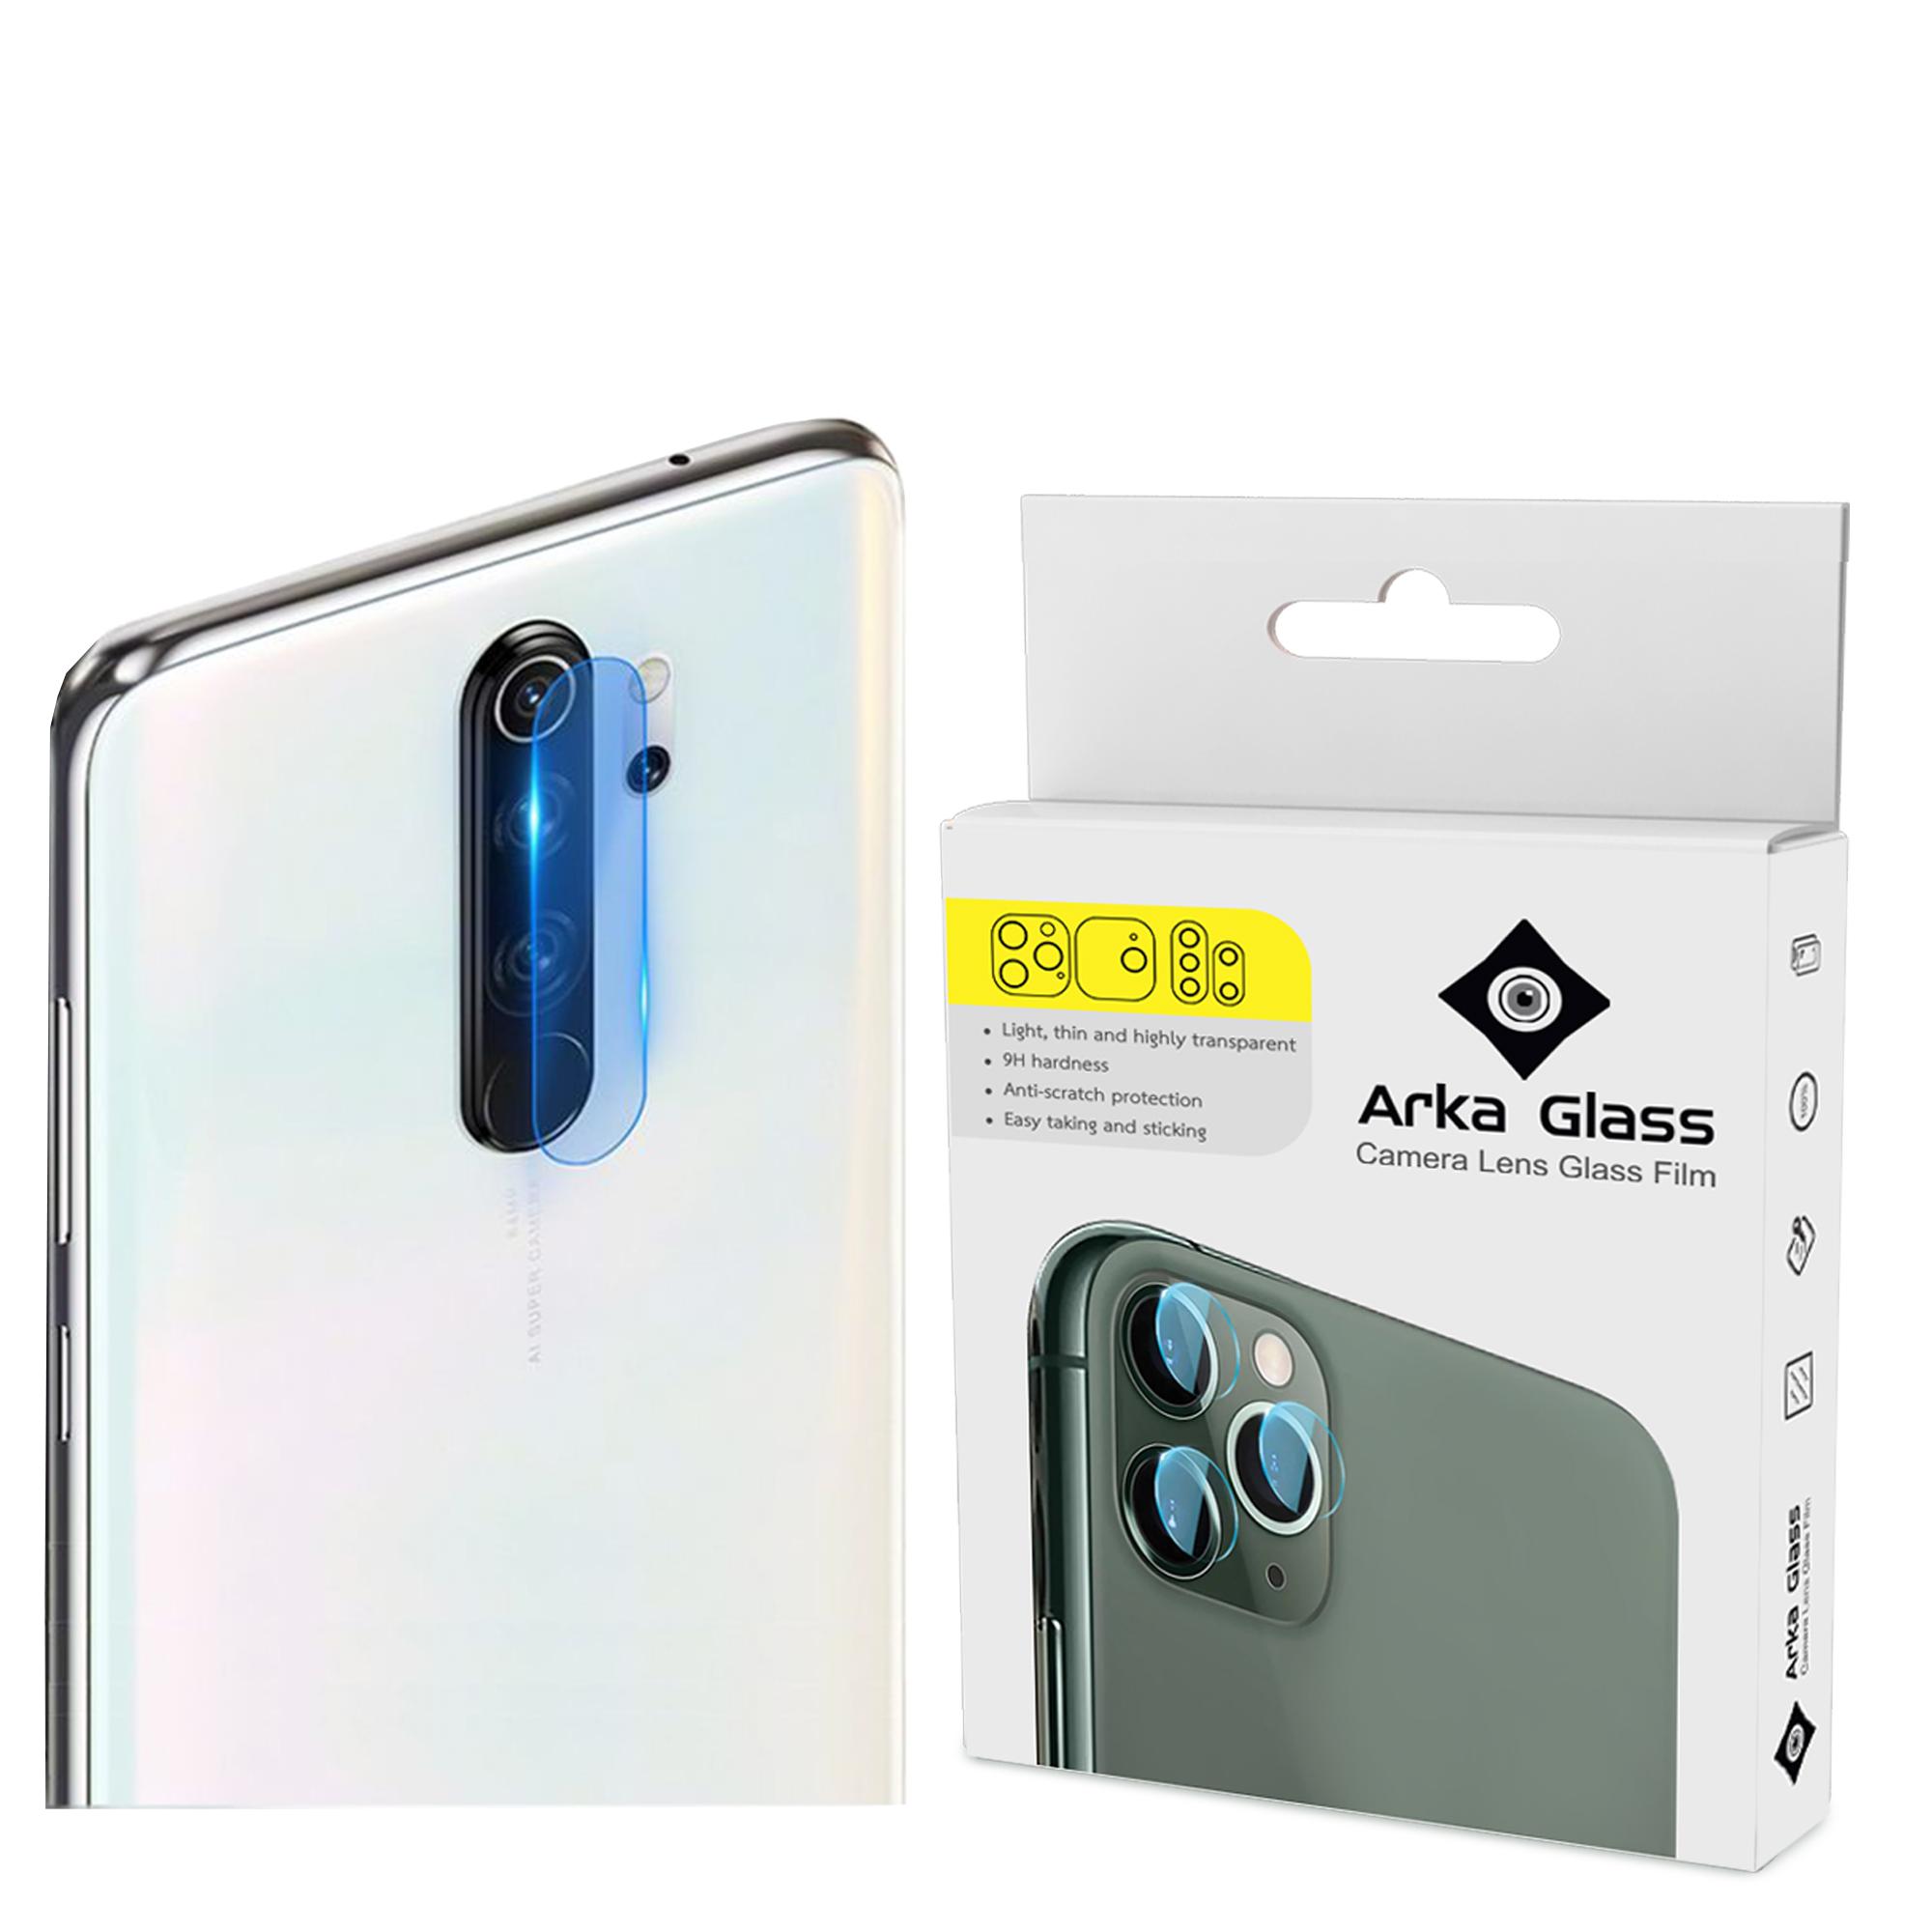 محافظ لنز دوربین آرکا گلس مدل GLA مناسب برای گوشی موبایل شیائومی REDMI NOTE 8 PRO